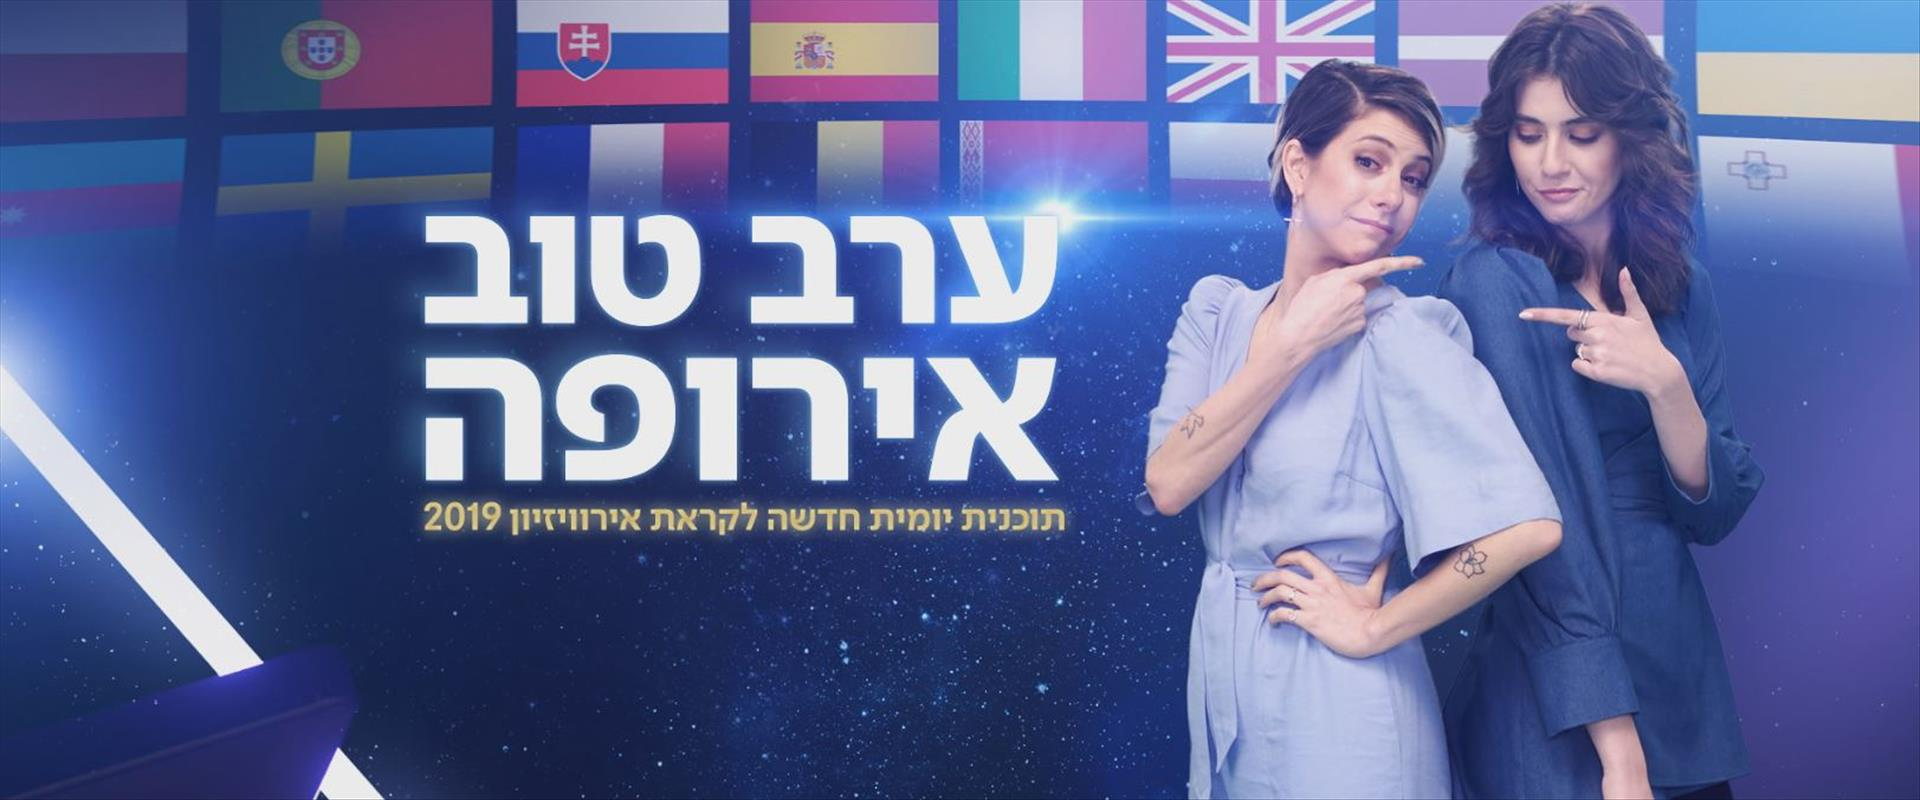 ערב טוב אירופה   הכול לקראת האירוויזיון